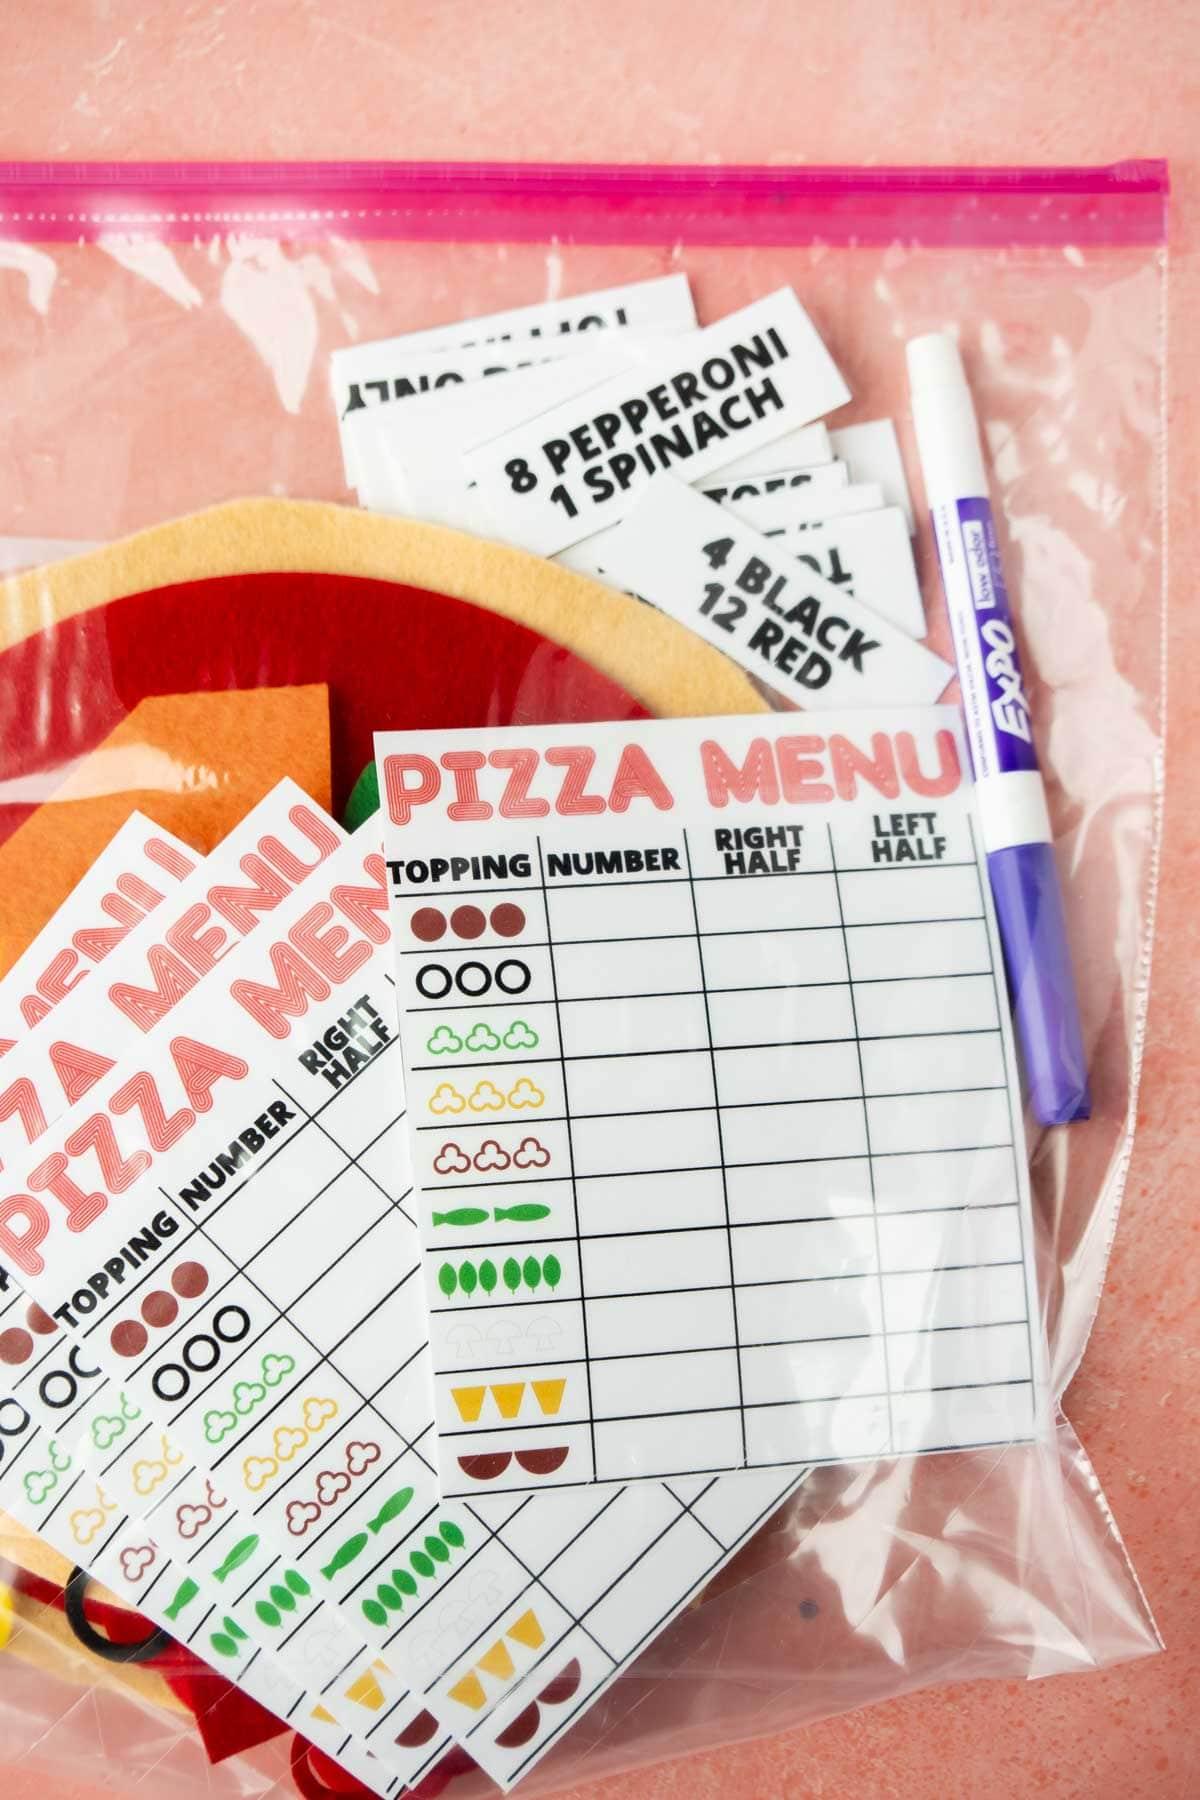 felt pizza set and menu cards in a plastic bag